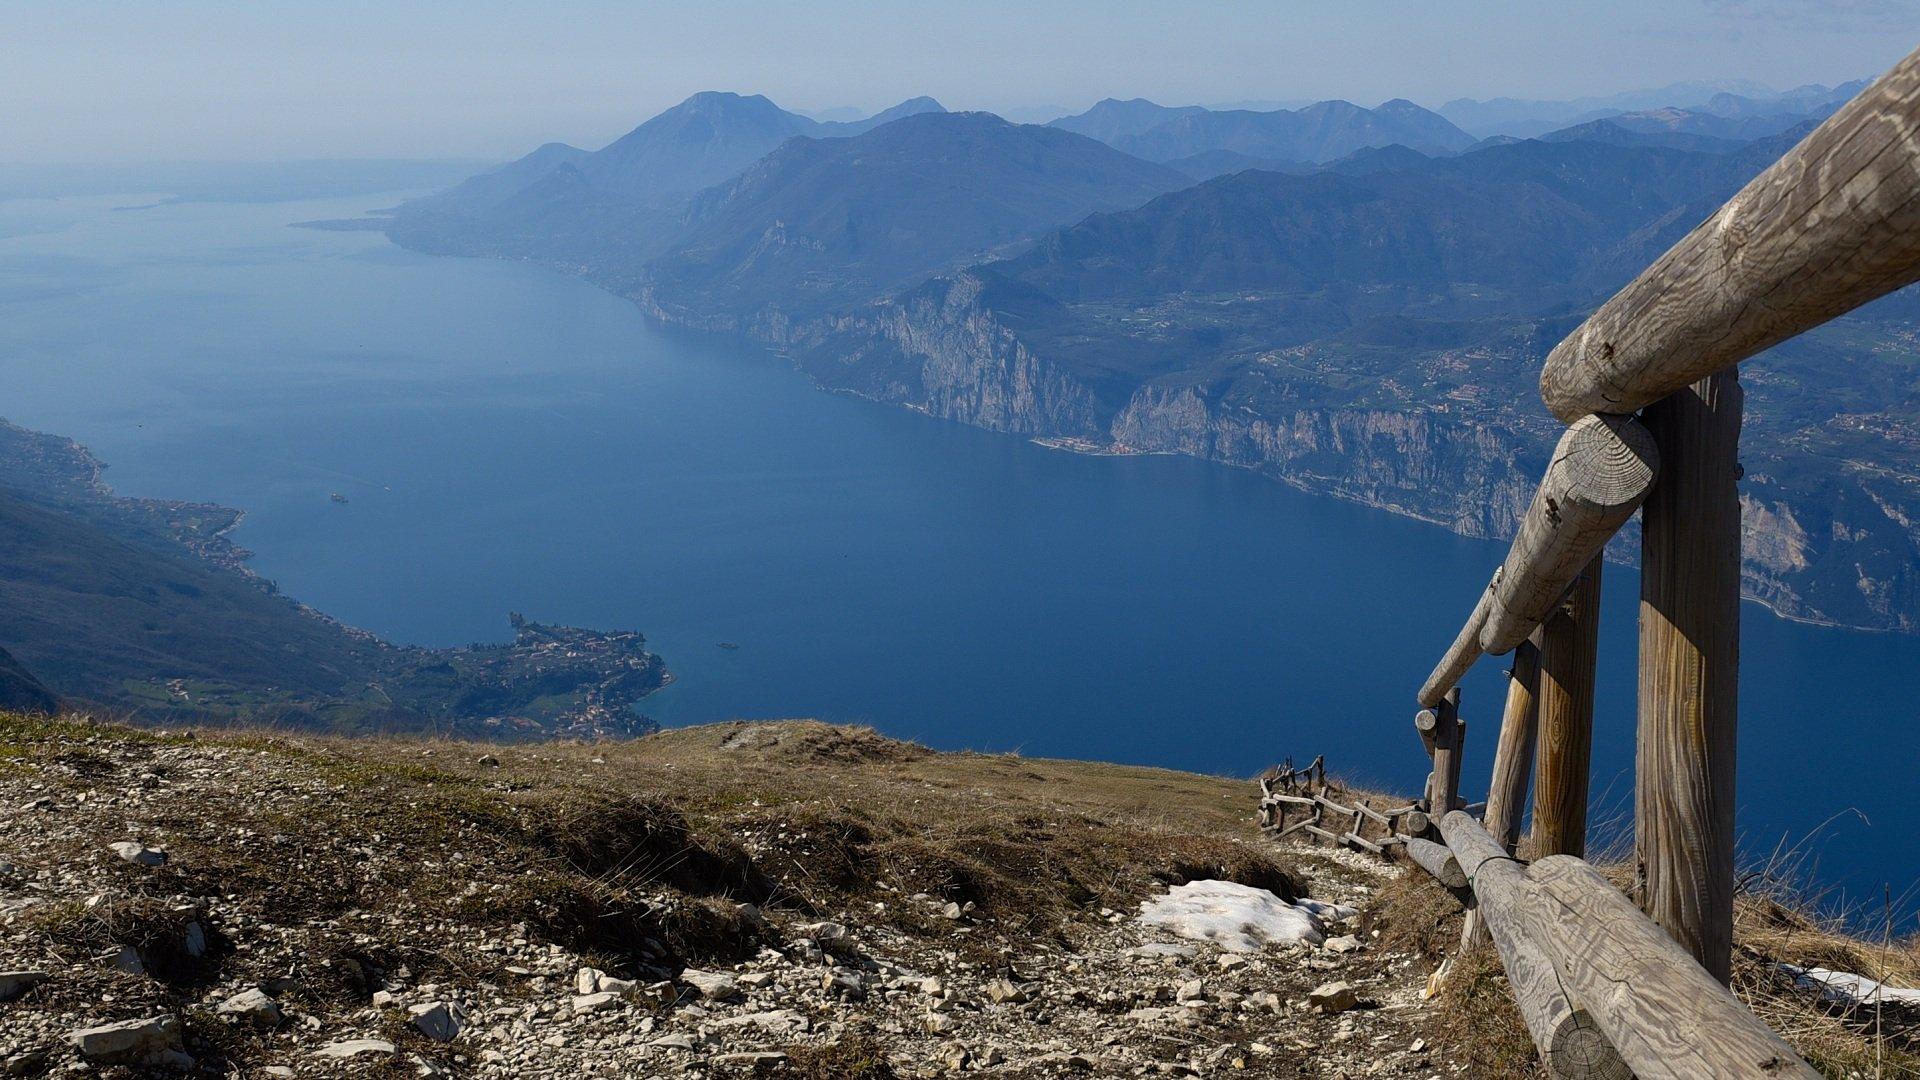 Отдых на озере Гарда, Гарда тур, туры на озеро Гарда - конструктор отпуска